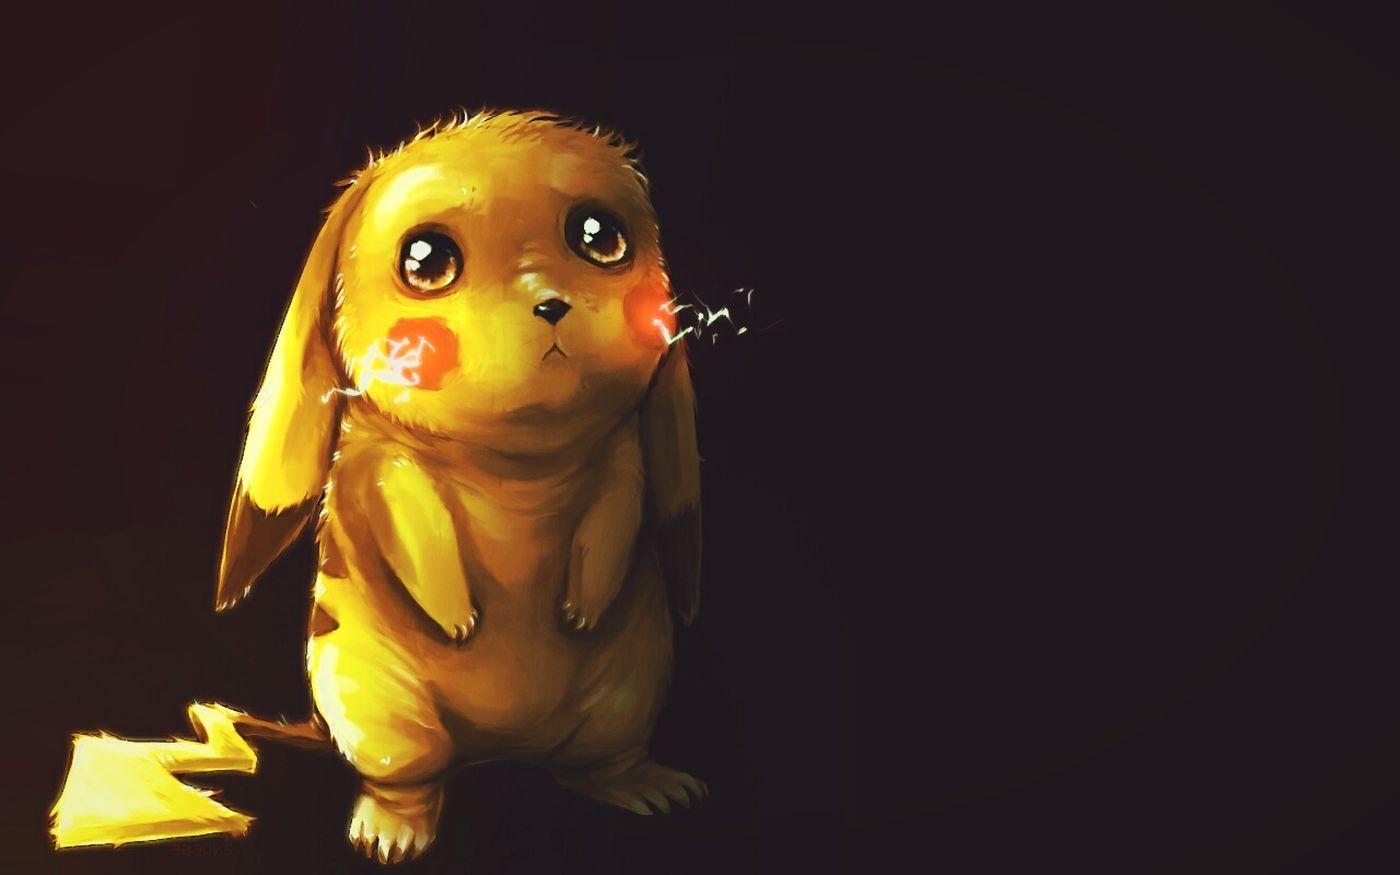 Cute Omg Pika Innocence Childhood Memories ...???????